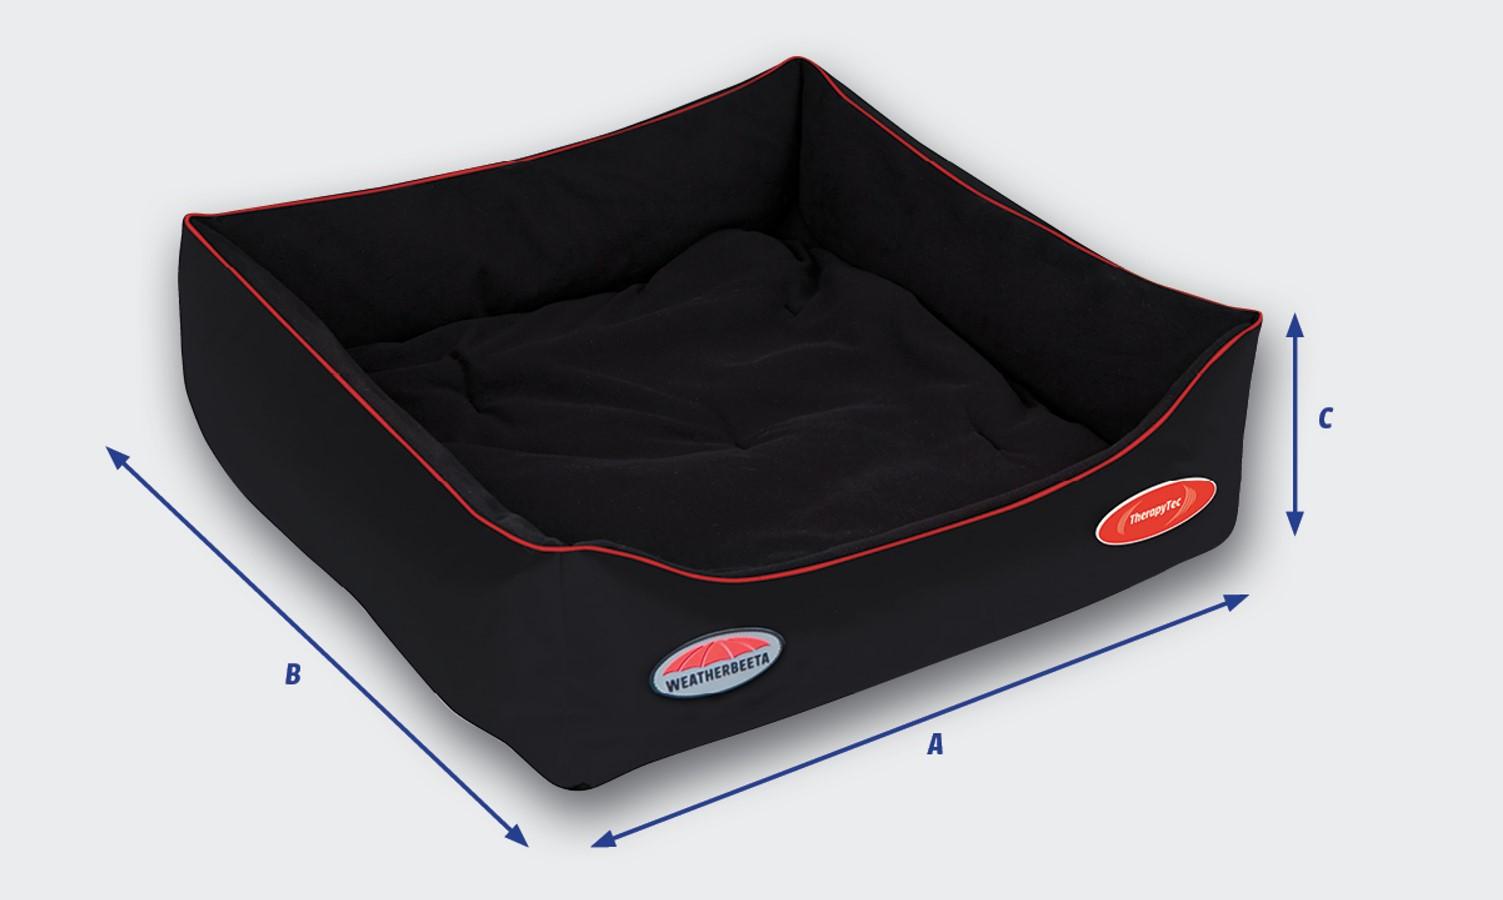 weatherbeeta therapy tec dog bed